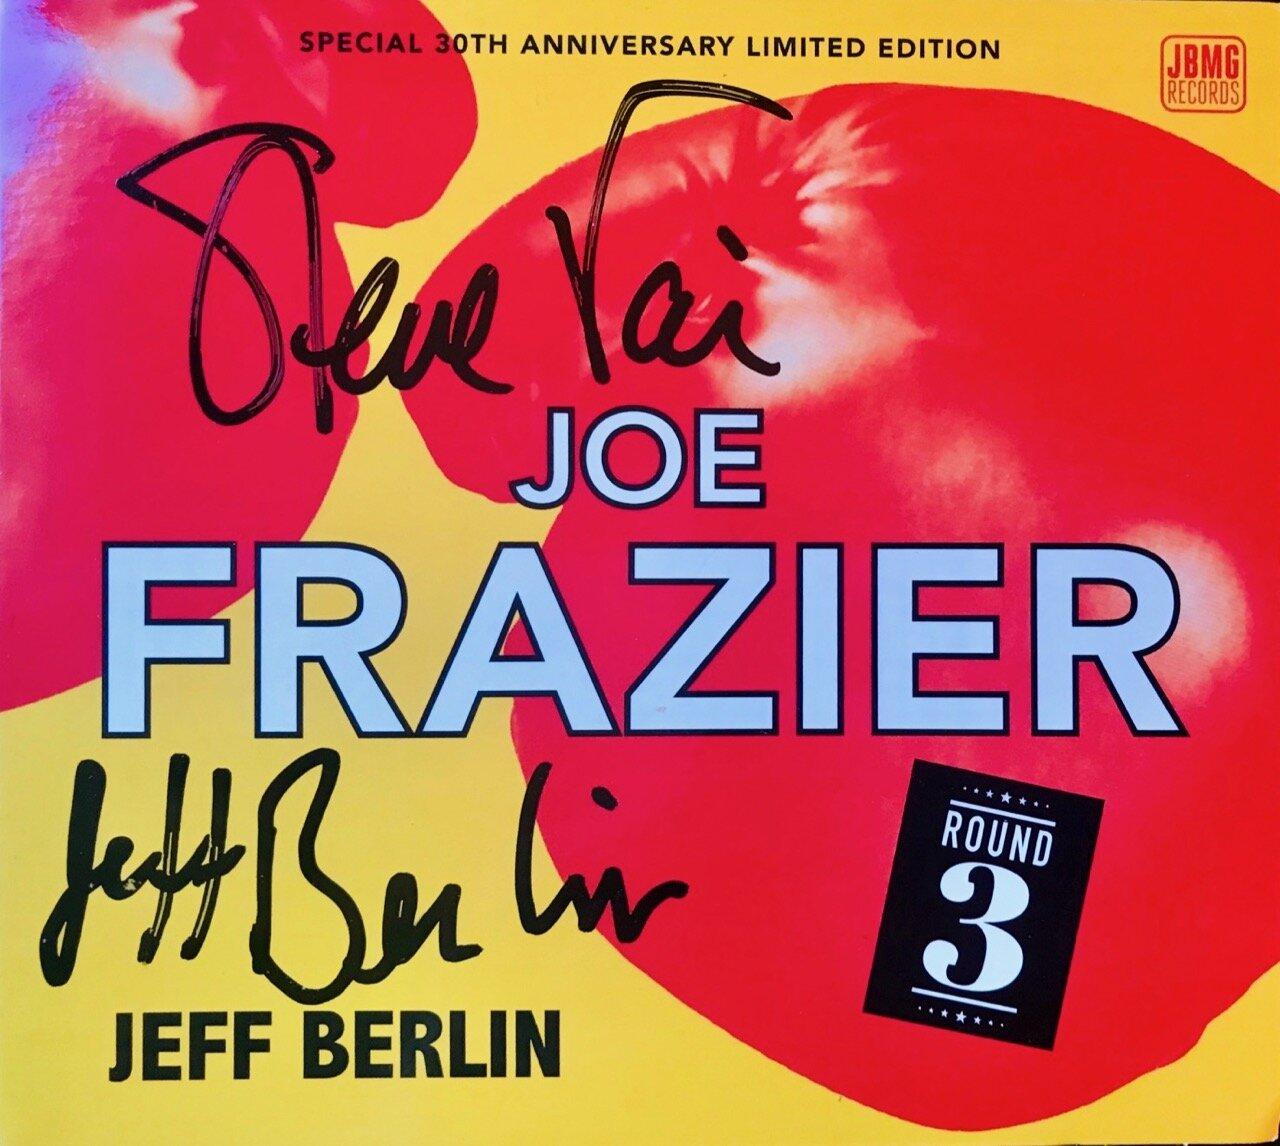 Joe Frazier Round 3